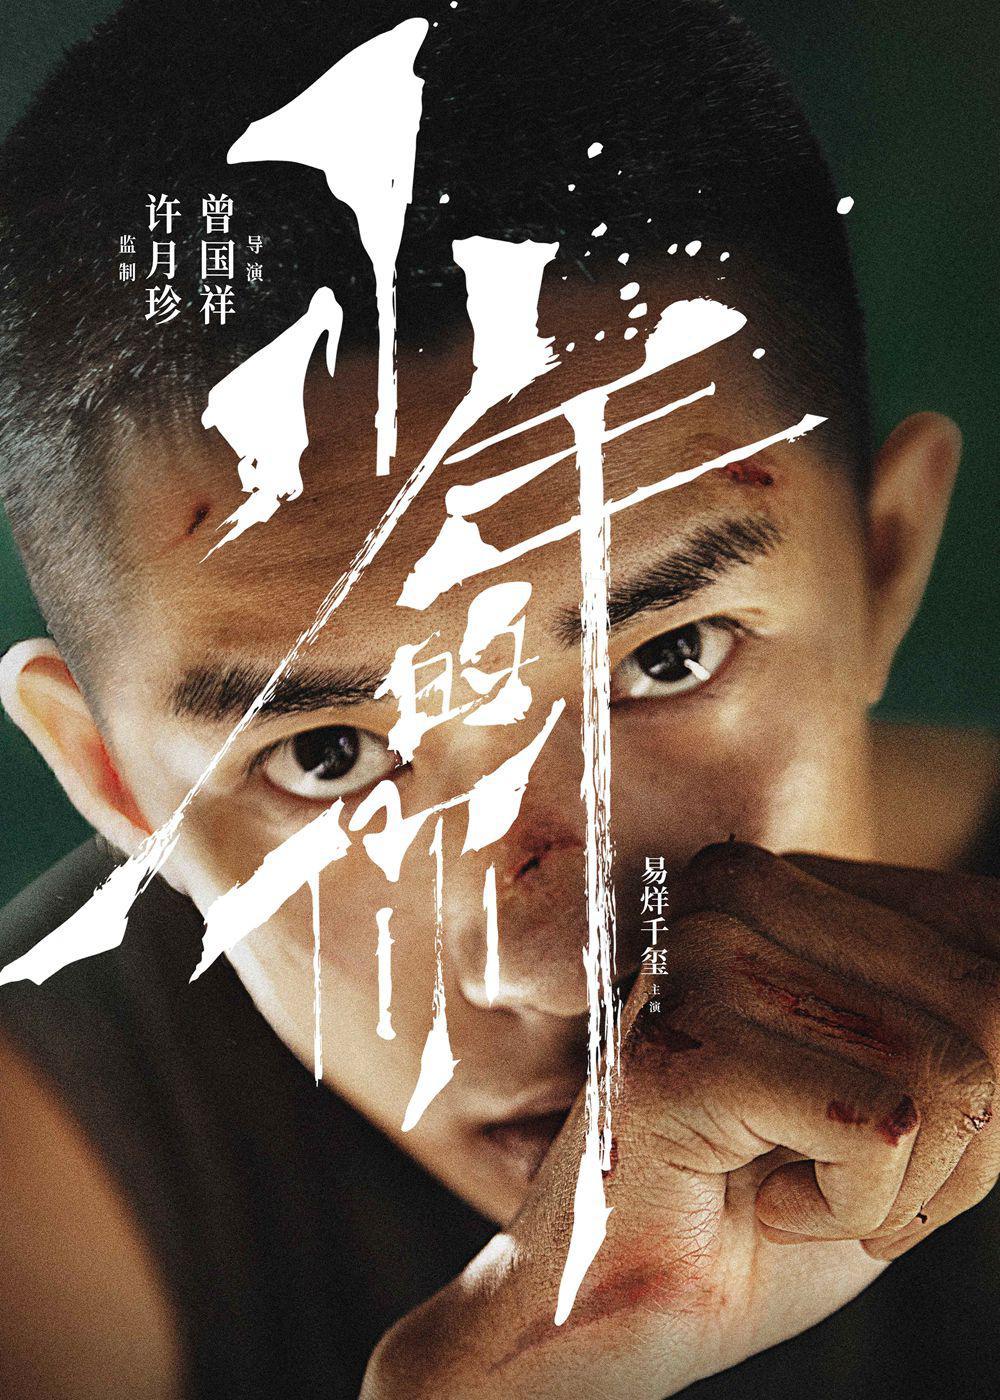 《少年的你》是易烊千玺第一部担当主演的电影